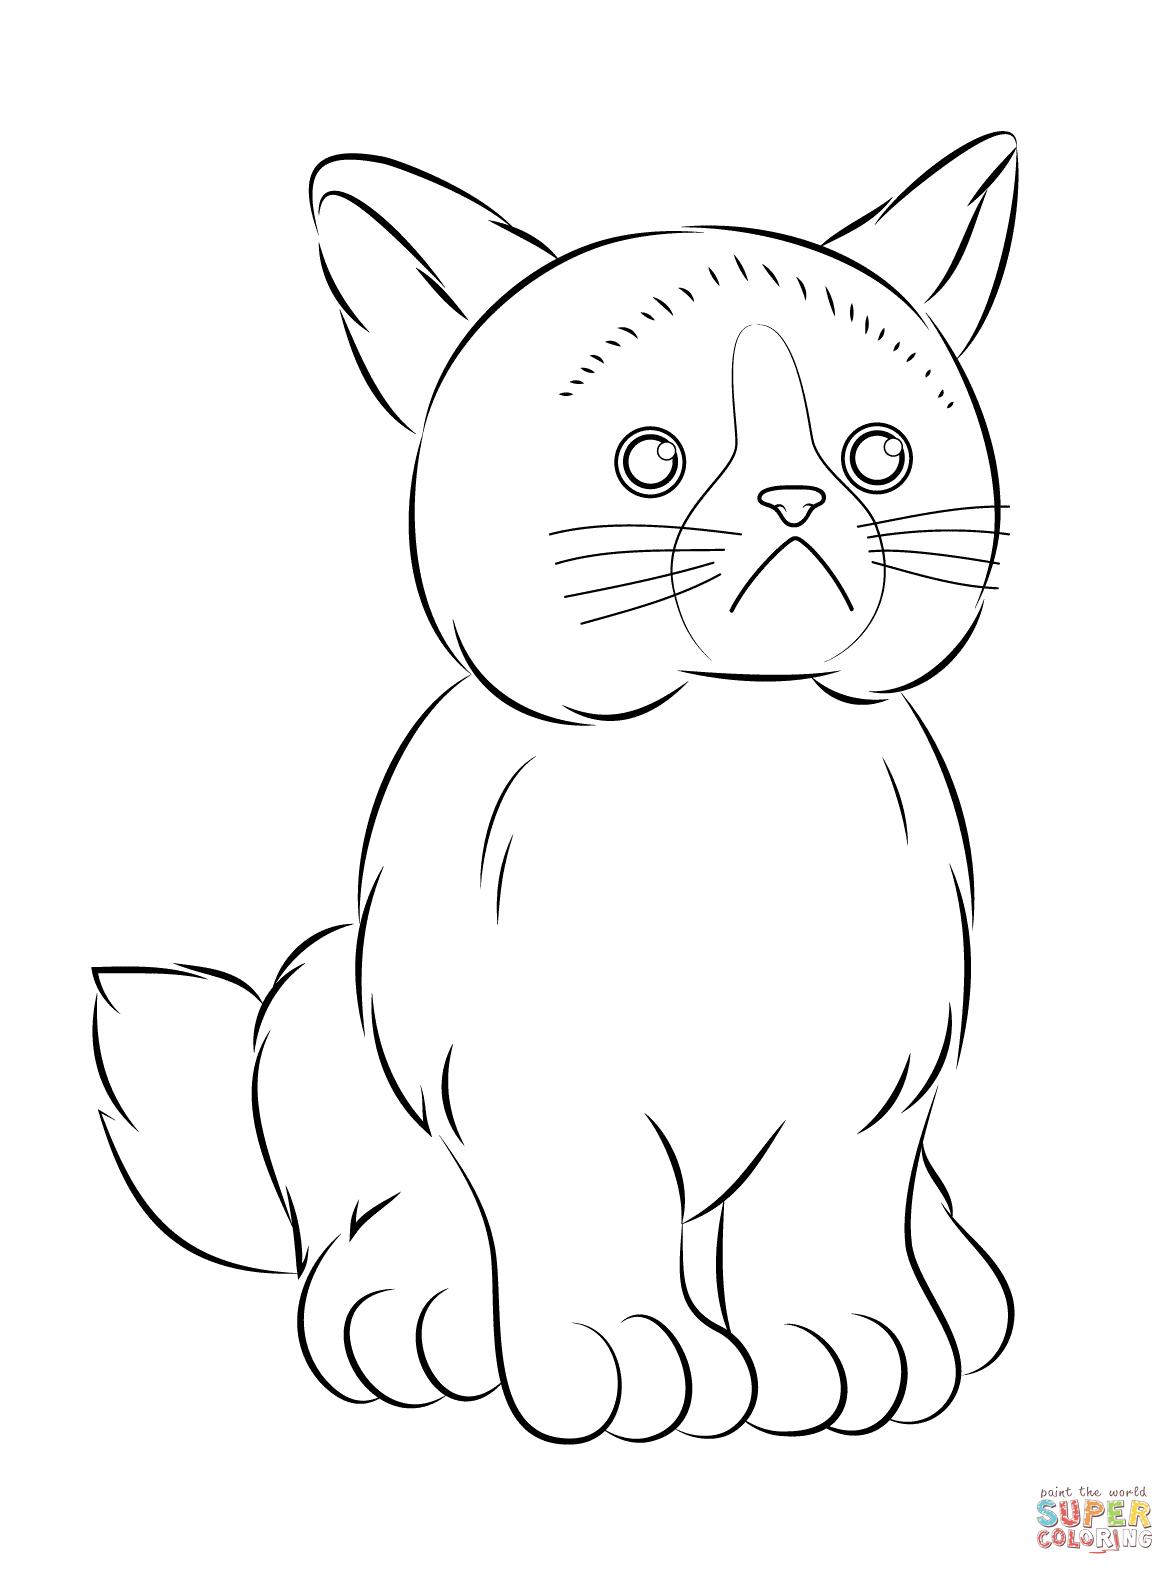 Webkinz Grumpy Cat Coloring Page